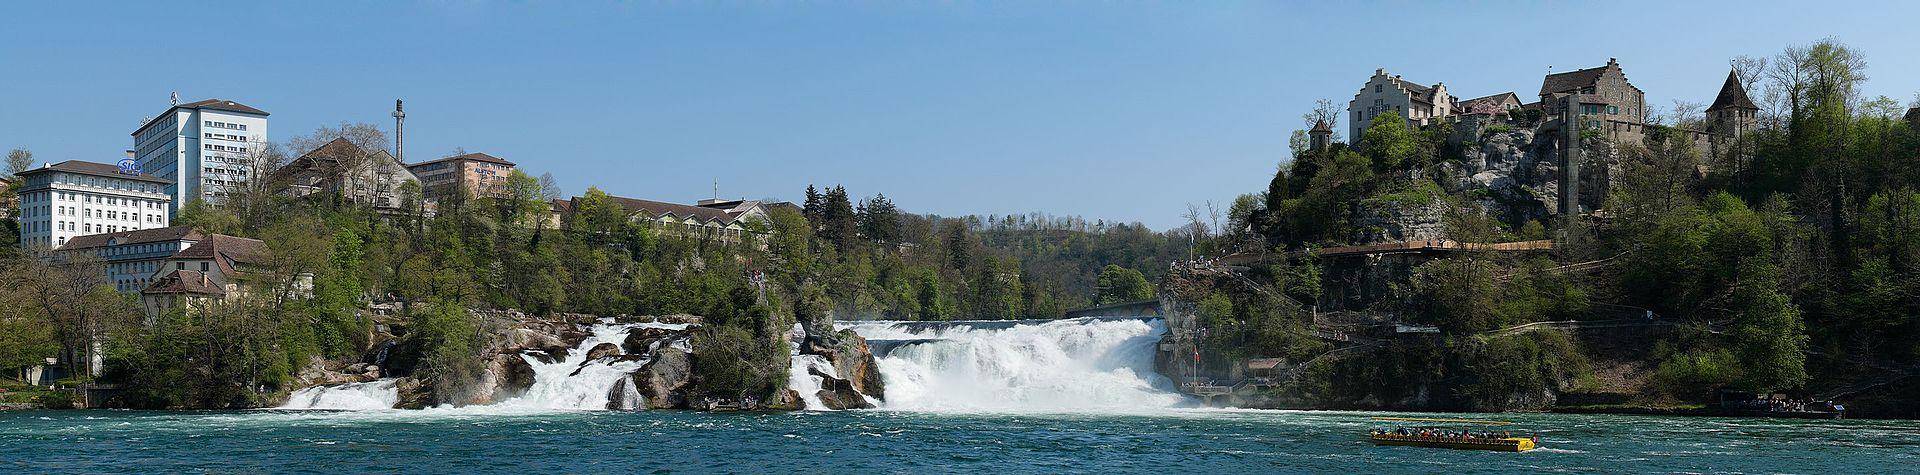 rynske vodopady